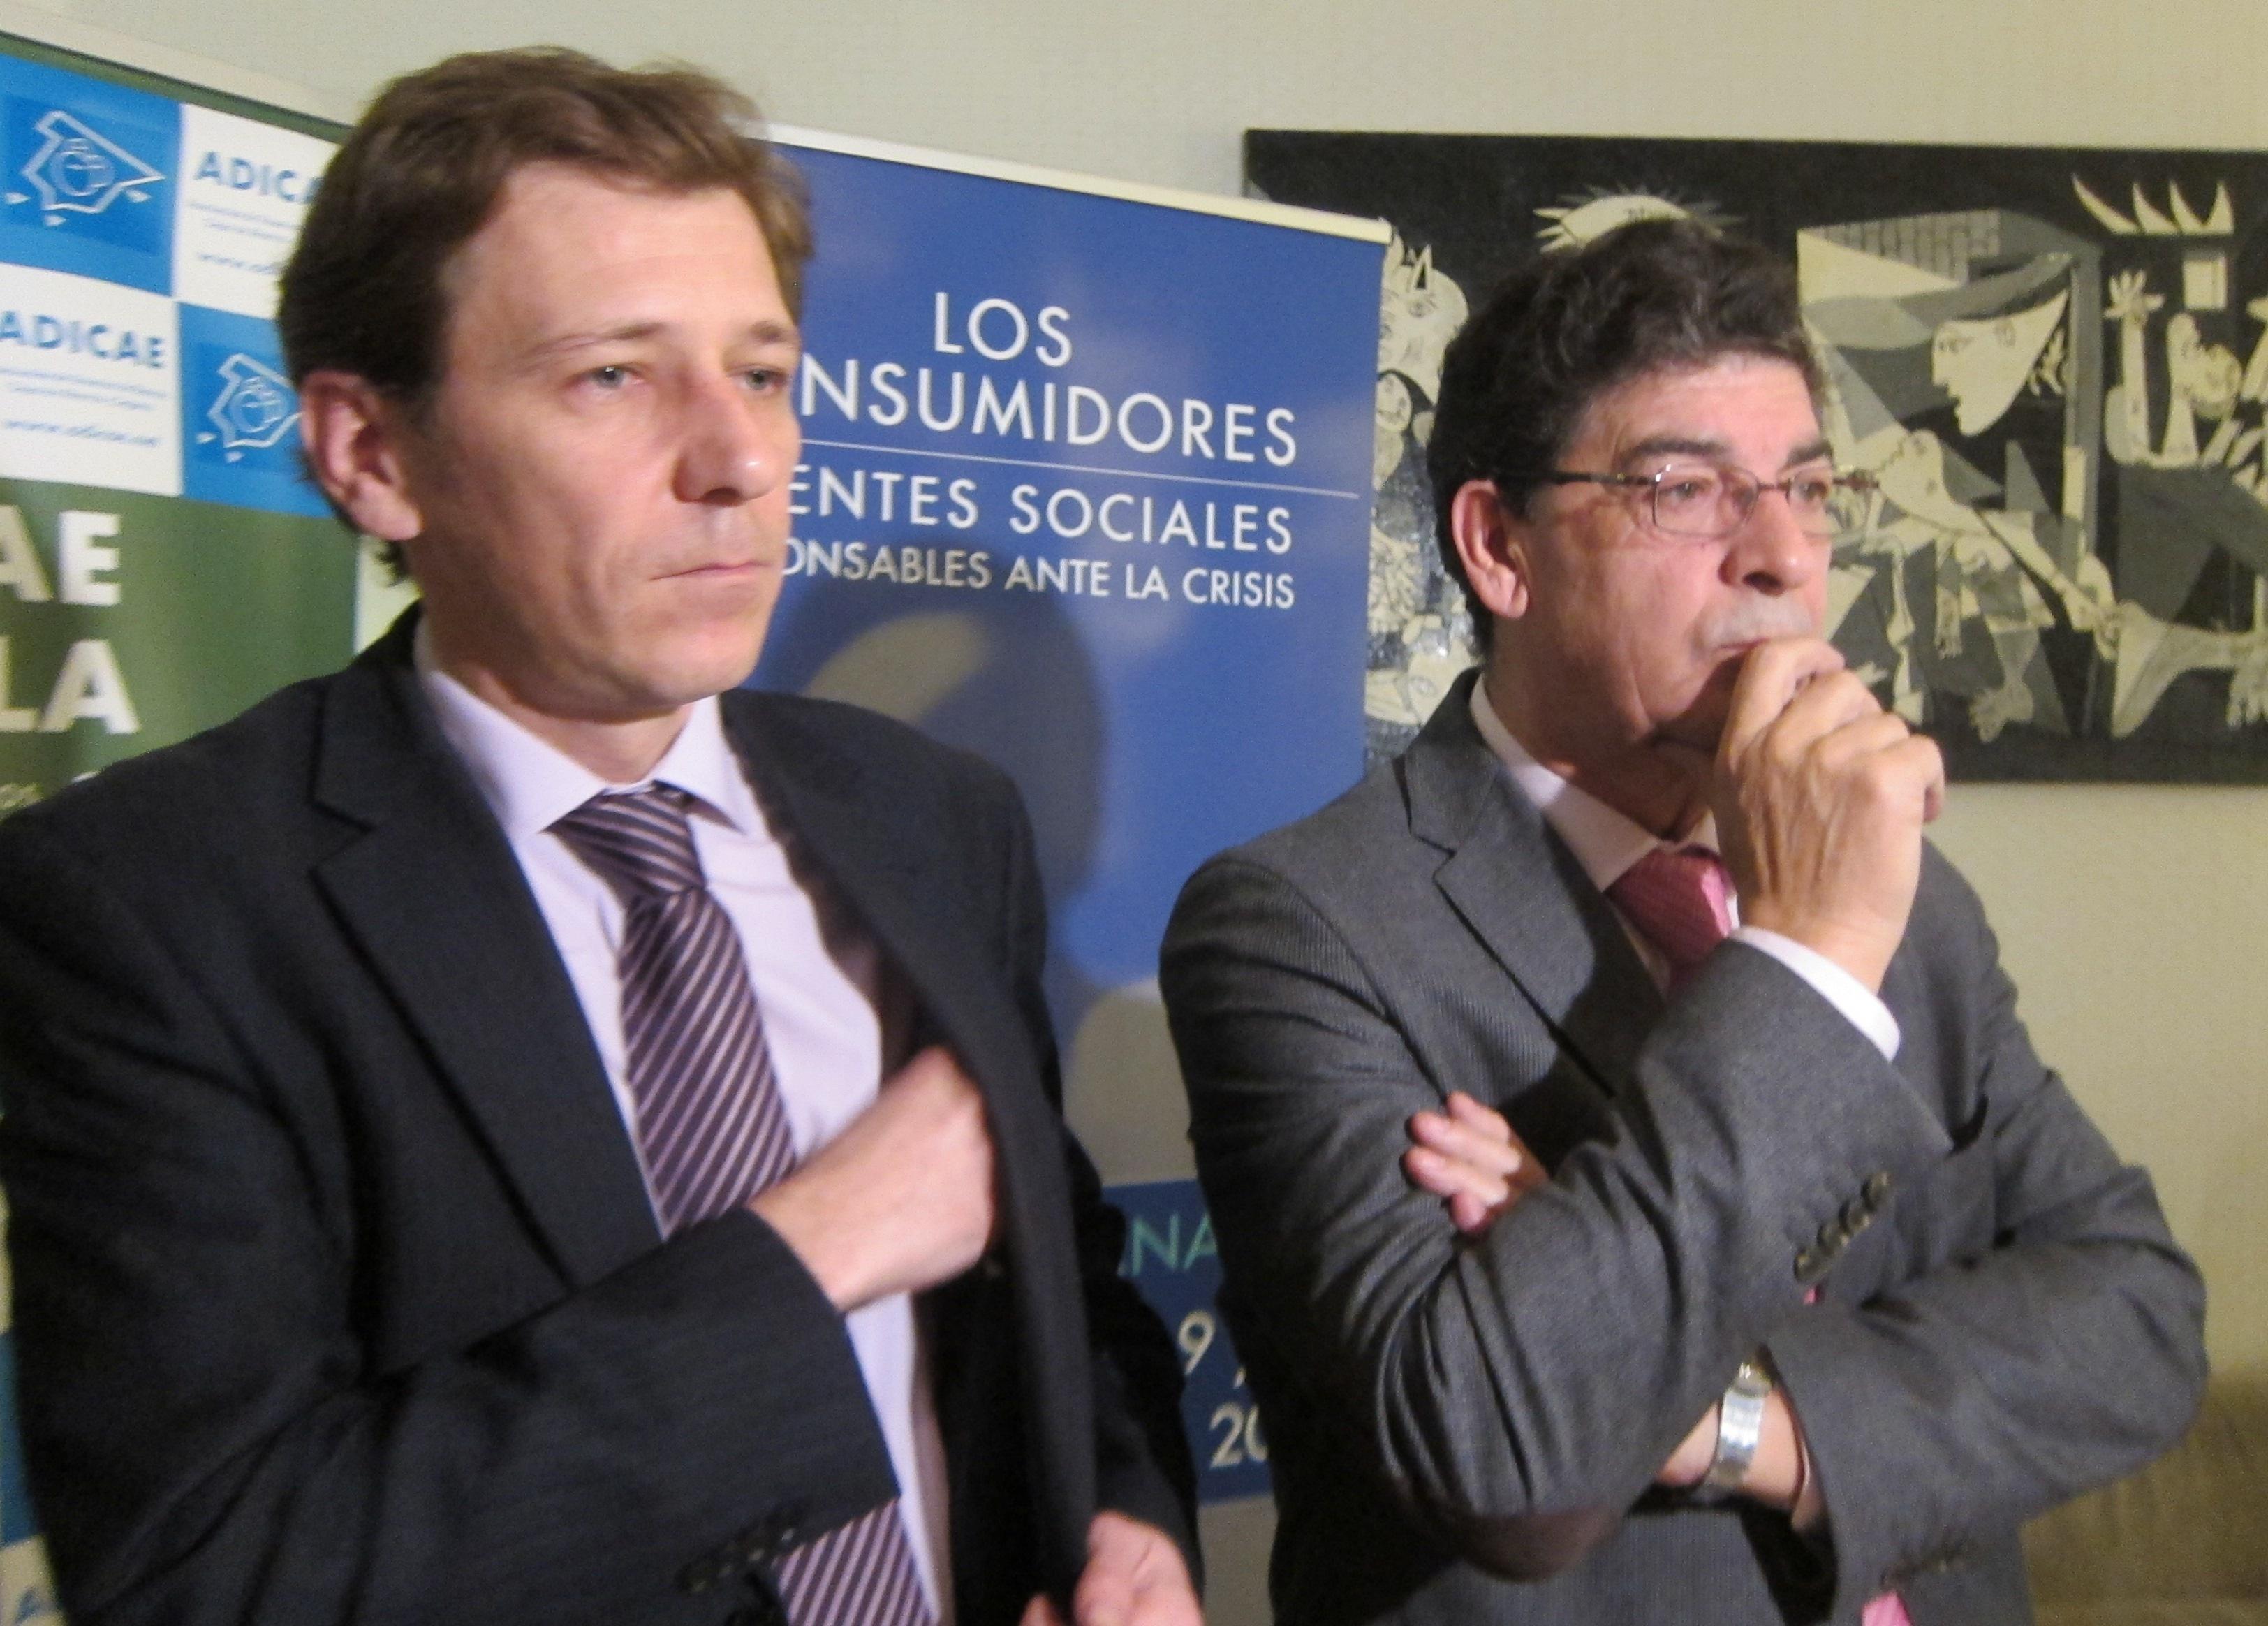 Andalucía trabaja en un decreto que aumente garantías de consumidores mediante indemnizaciones por daños y perjuicios